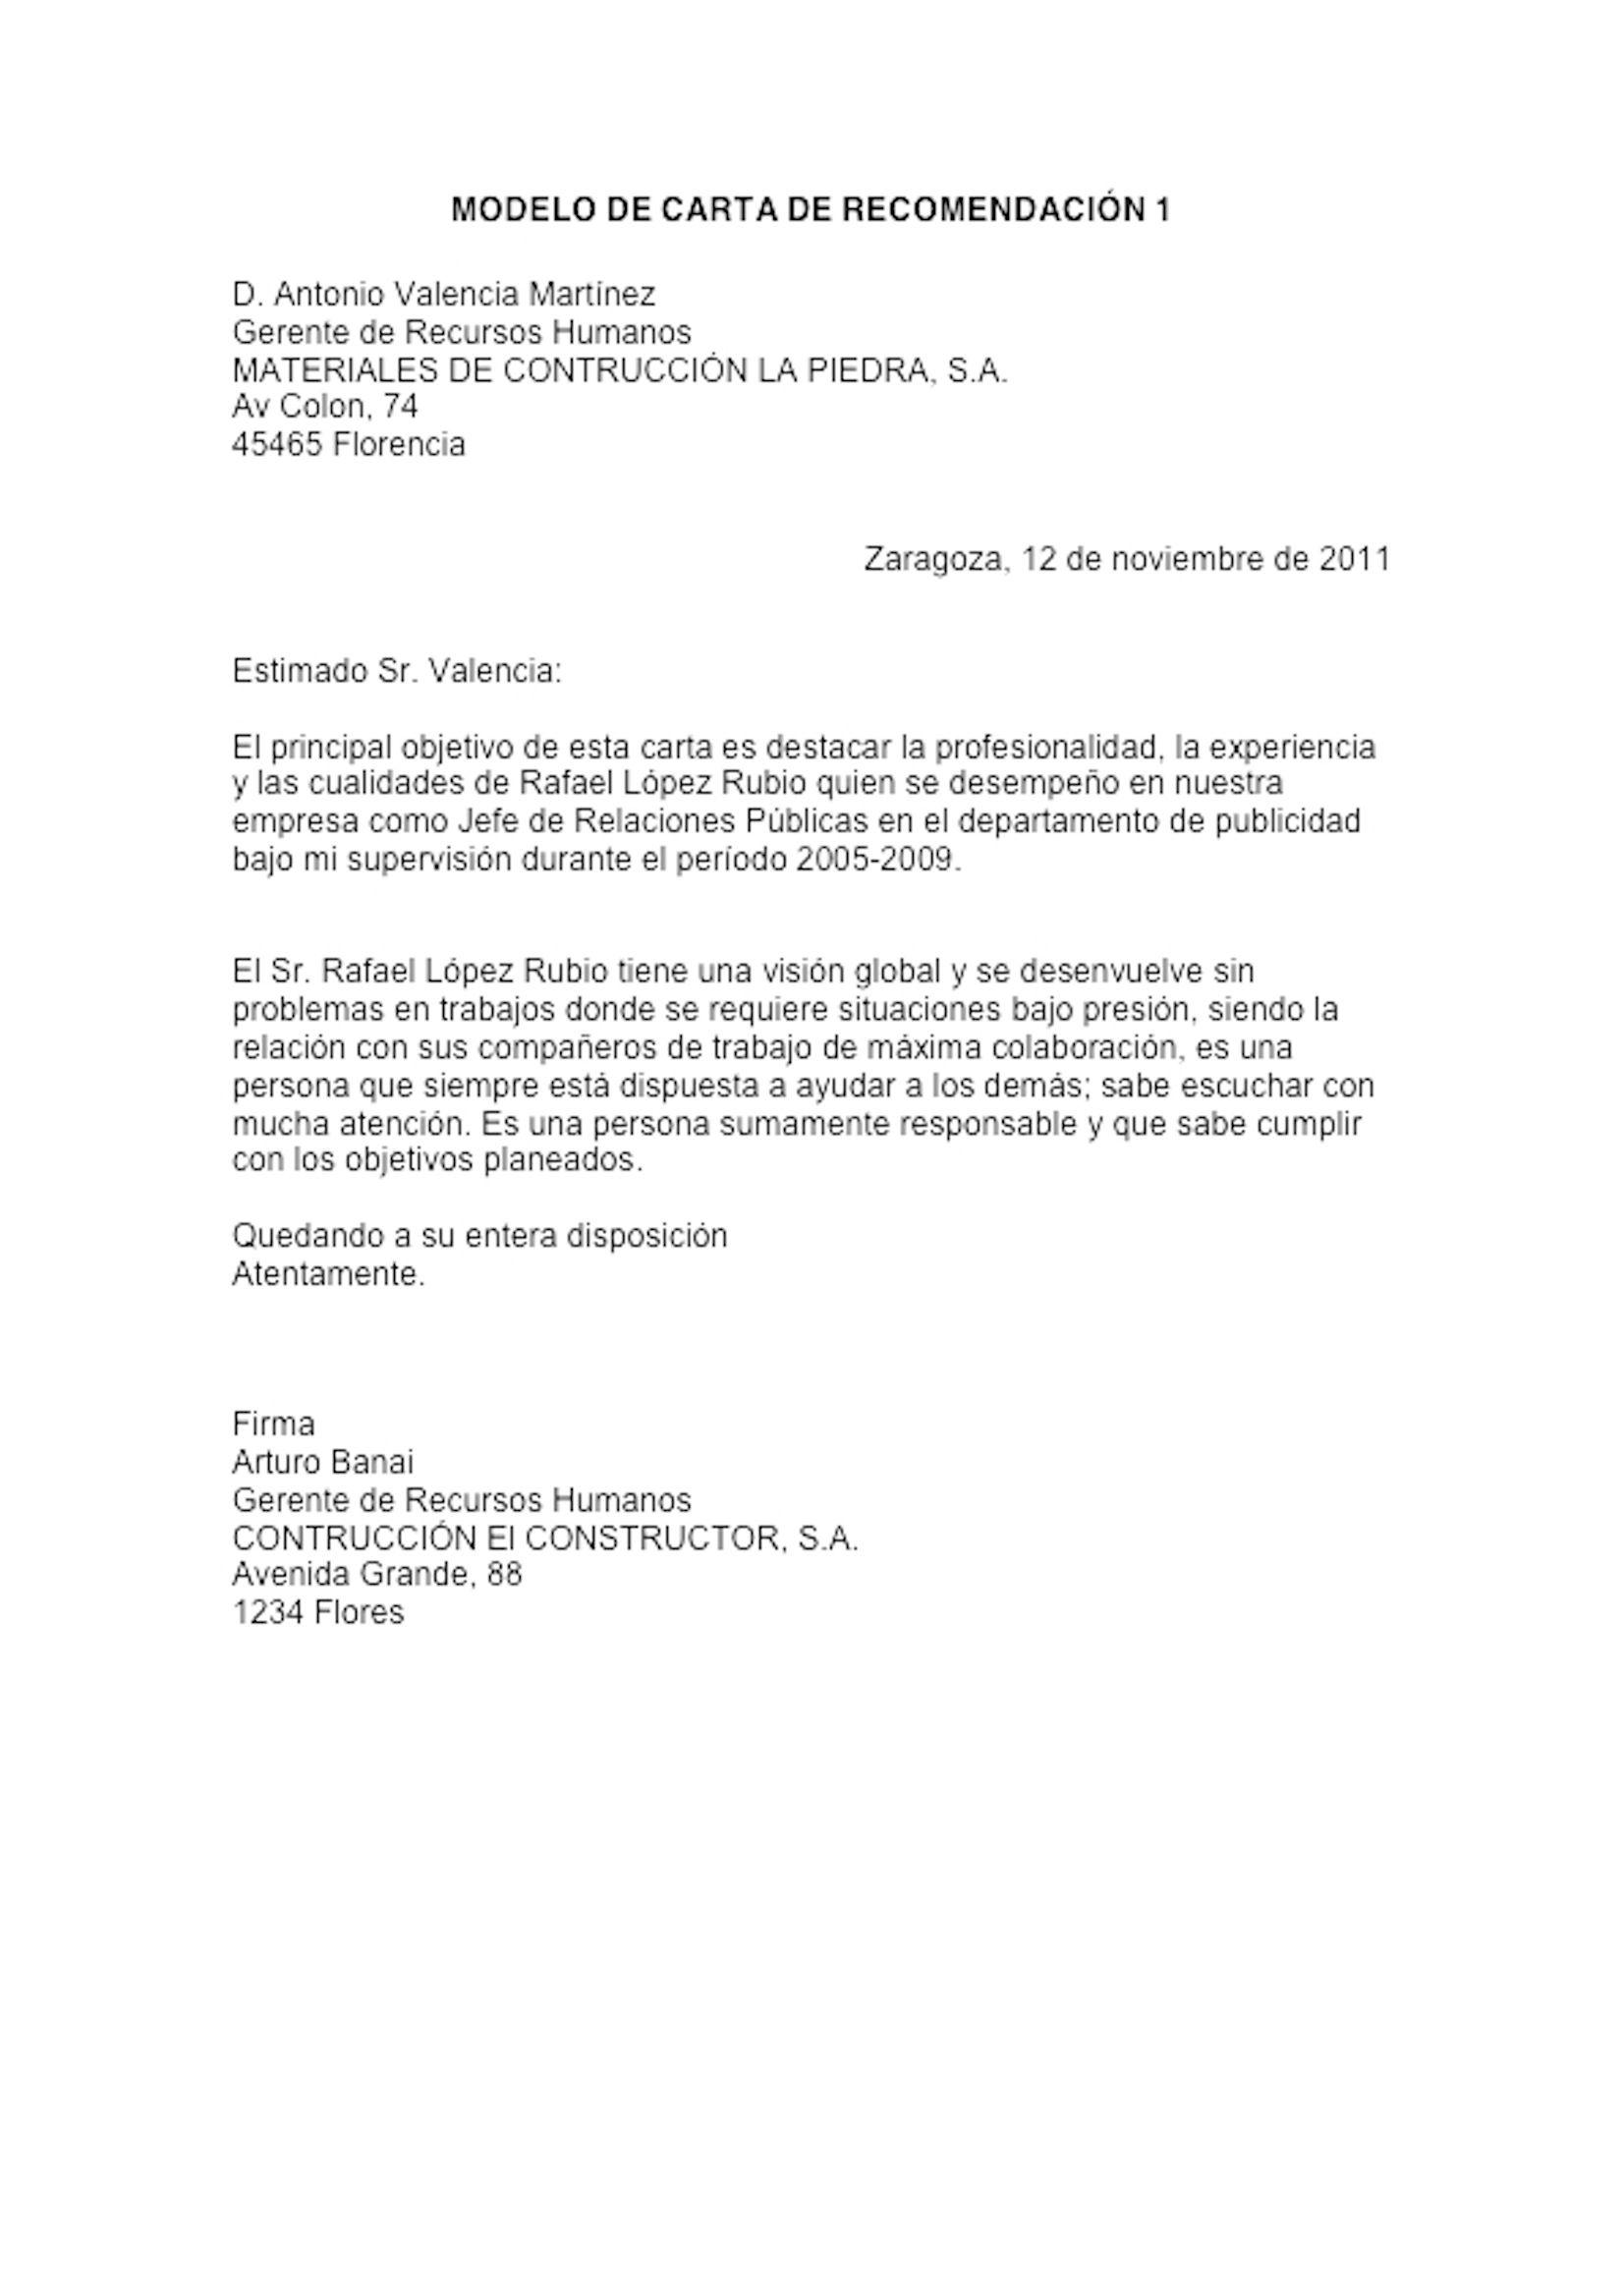 Trabajo Personal Trabajo Formato De Carta De Recomendacion Ejemplo De Carta De Recomendacion Formal 2 Jpg 1653 2336